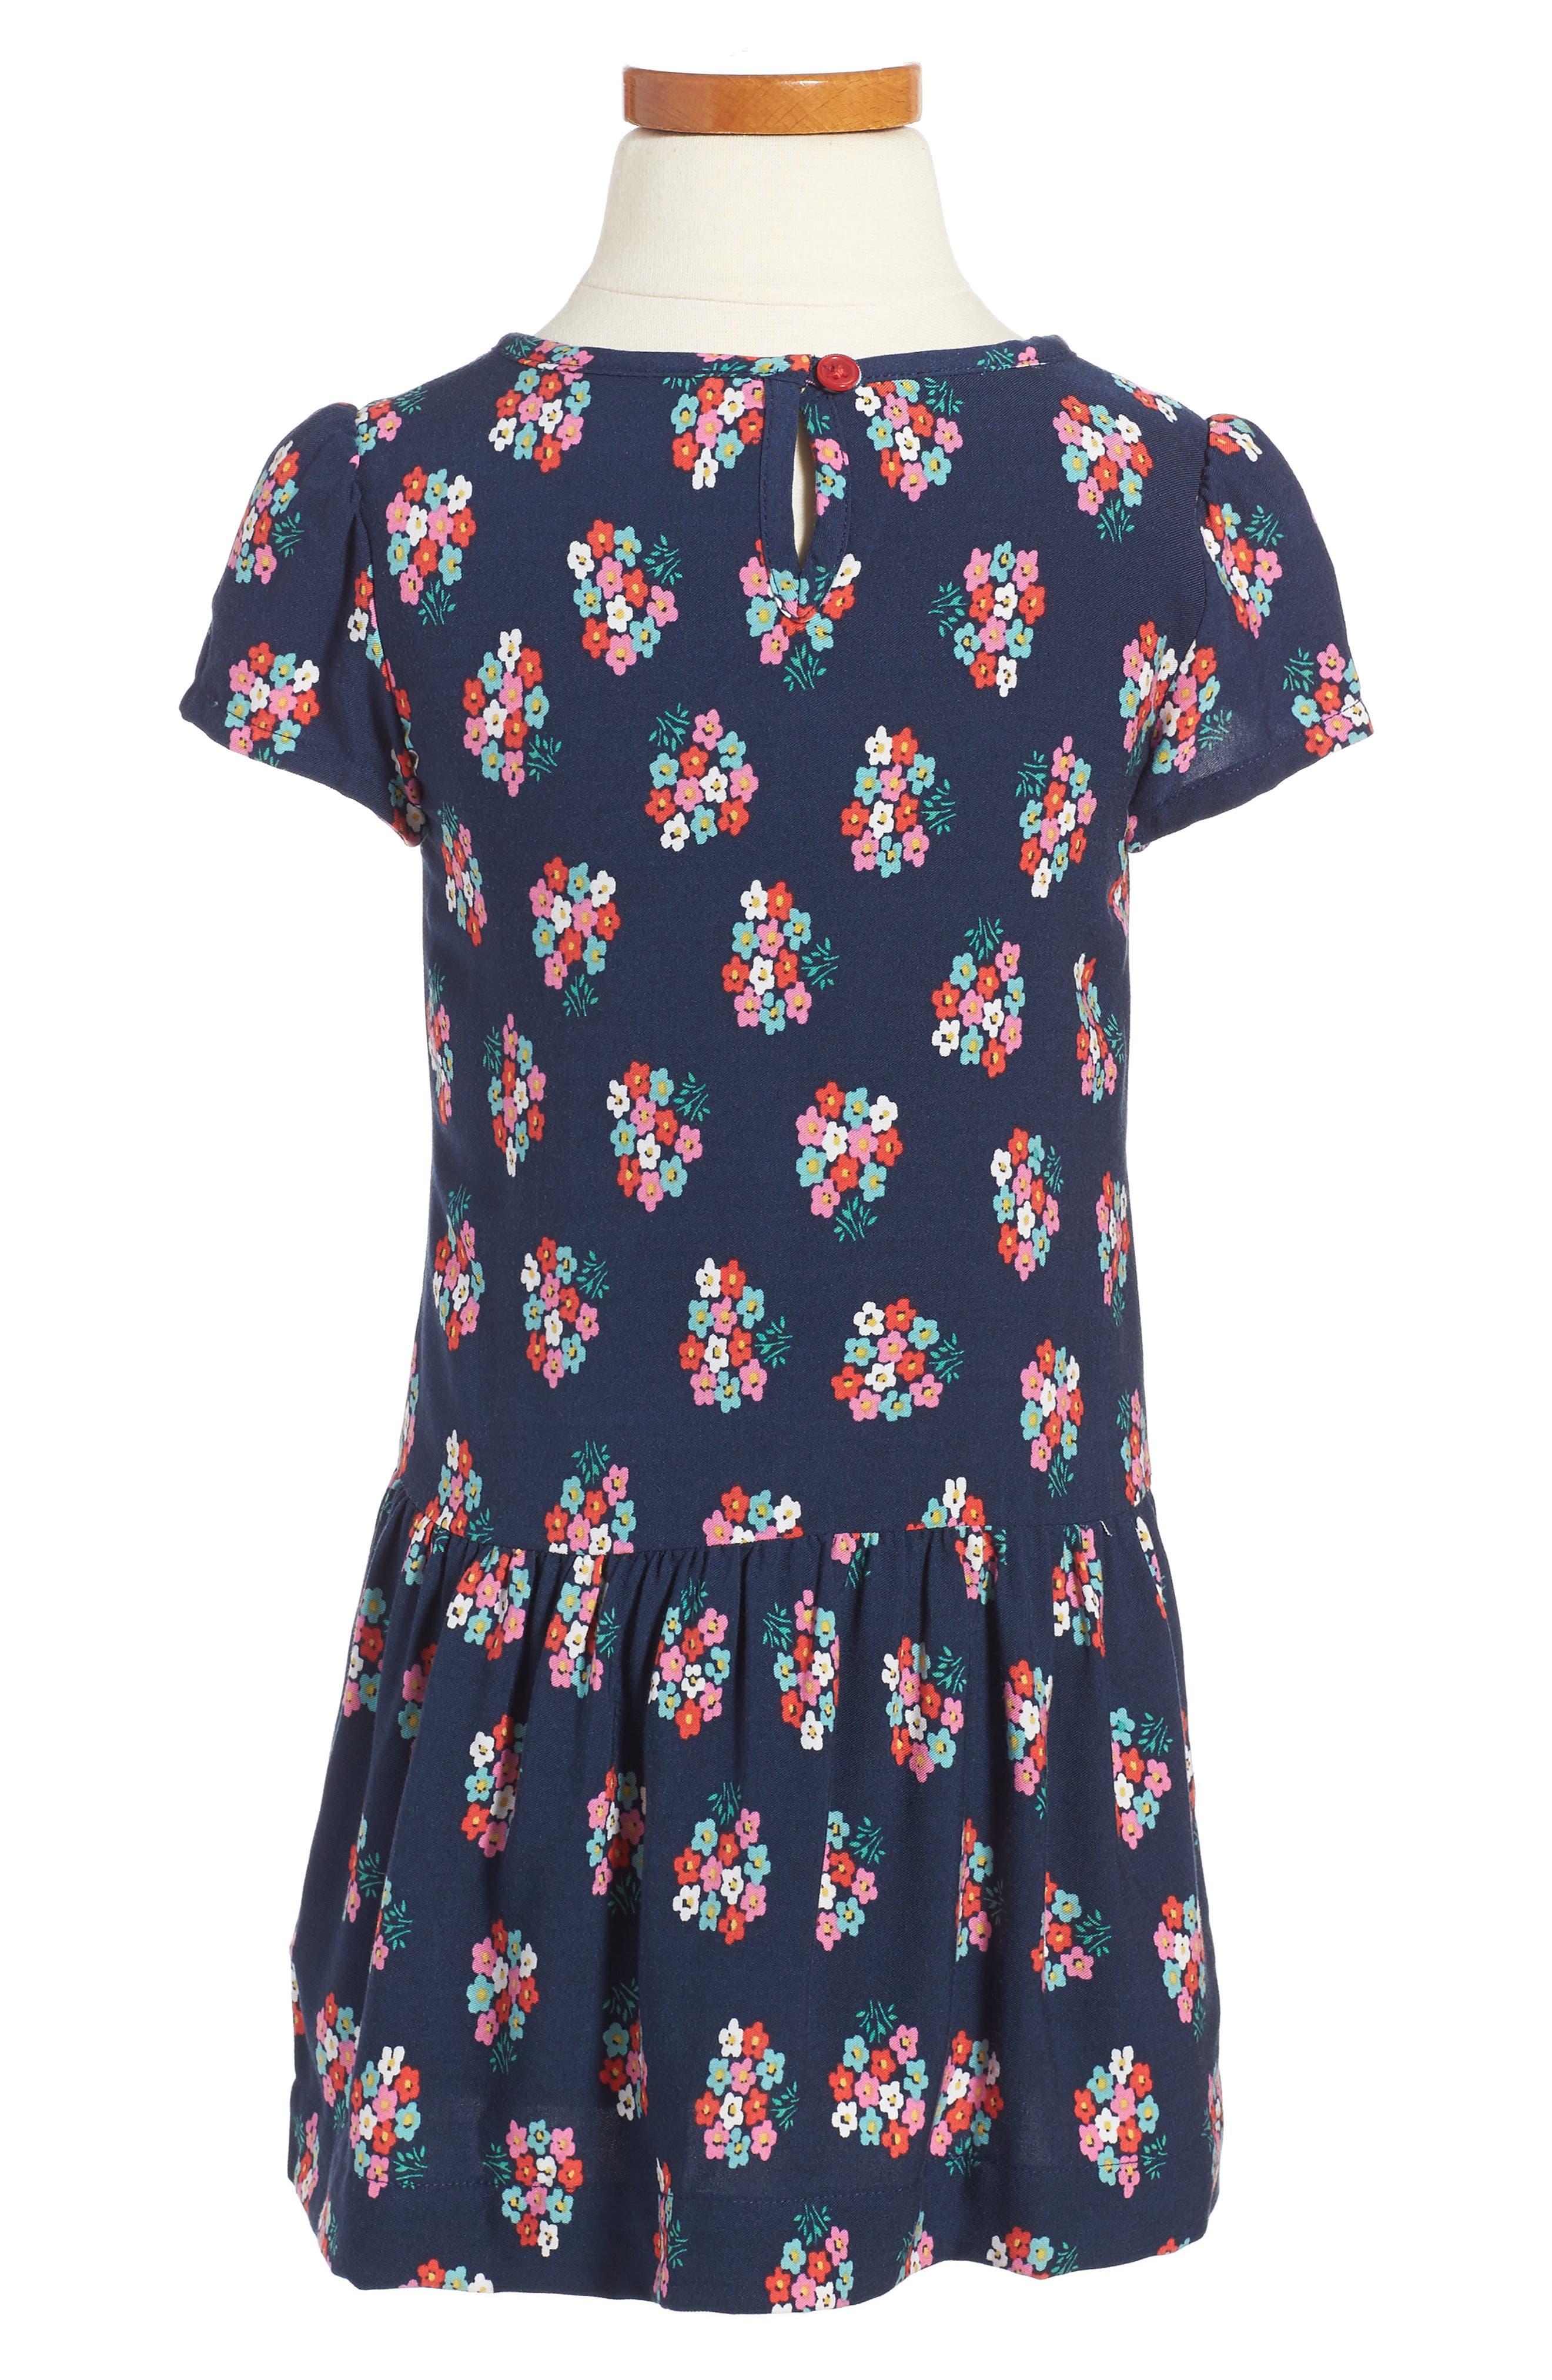 Alternate Image 2  - Mini Boden Print Tea Dress (Toddler Girls, Little Girls & Big Girls)